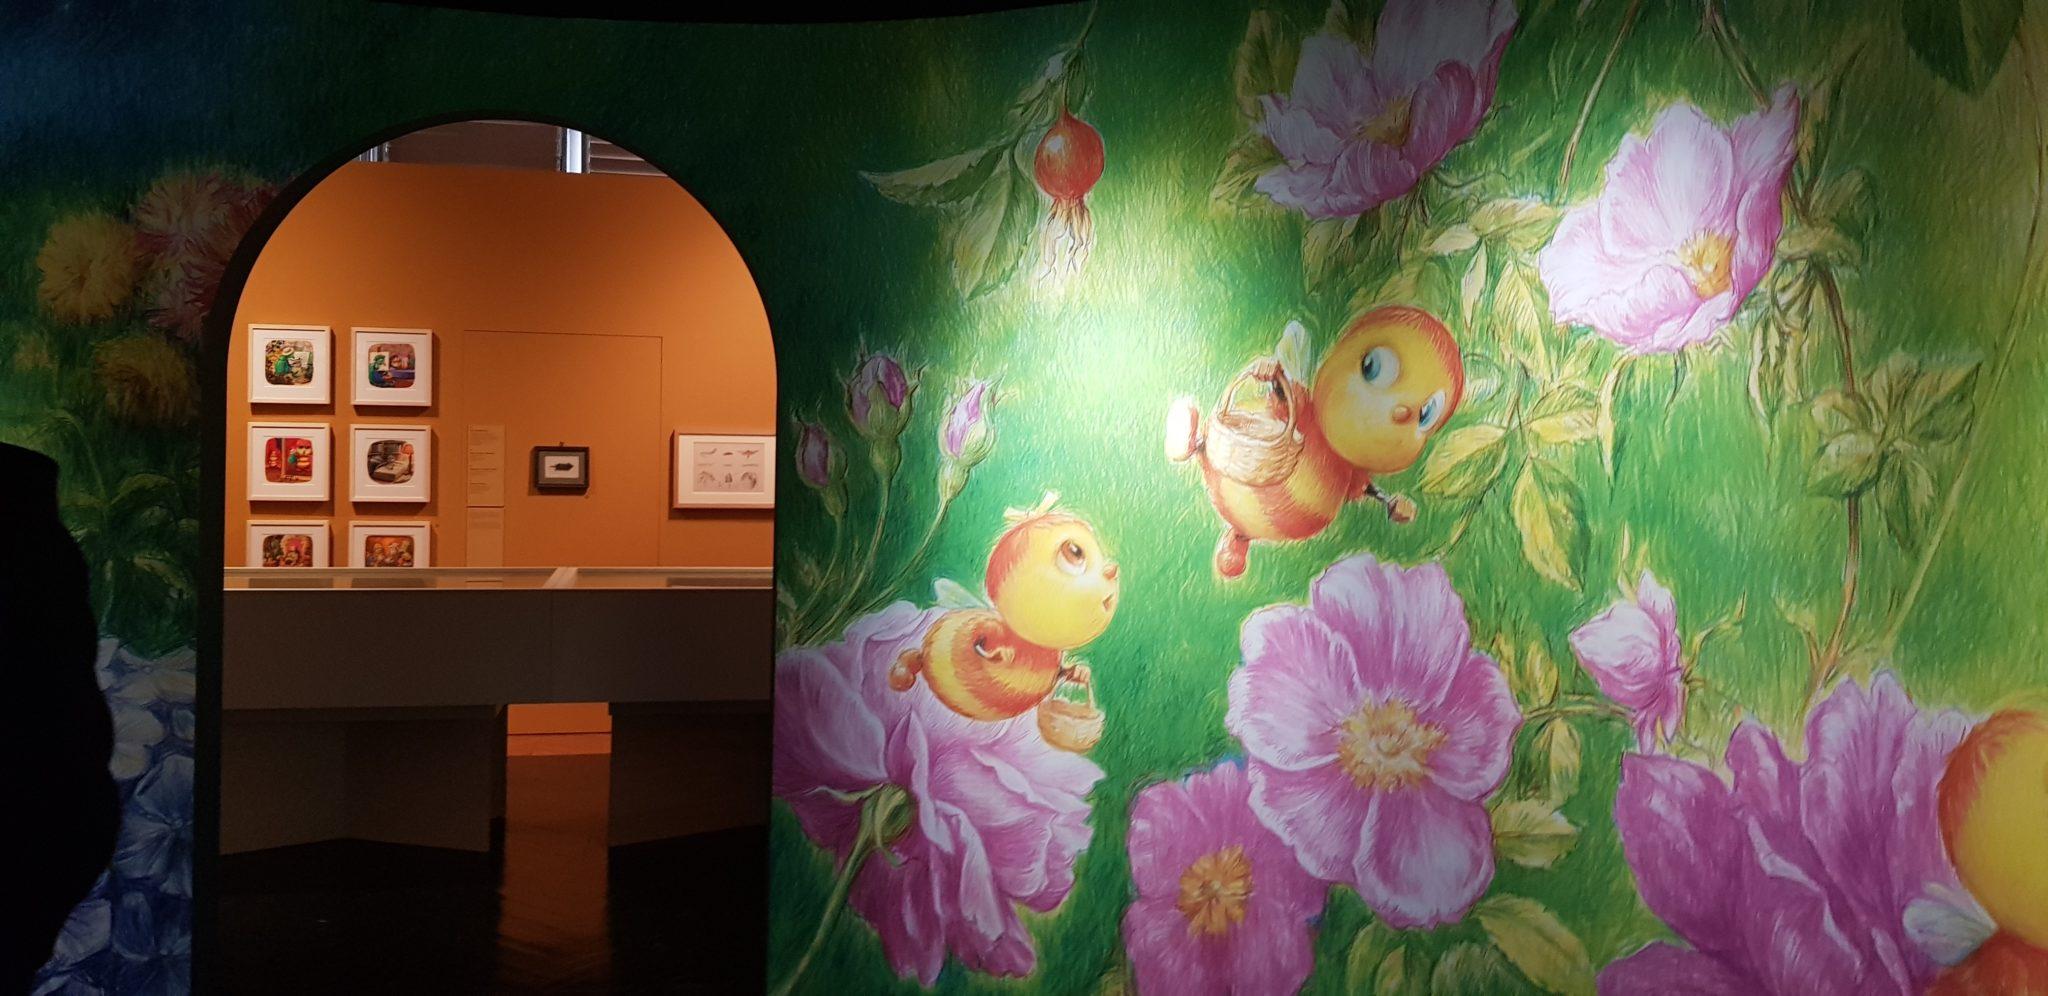 Exposition Drôles de petites bêtes d'Antoon Krings